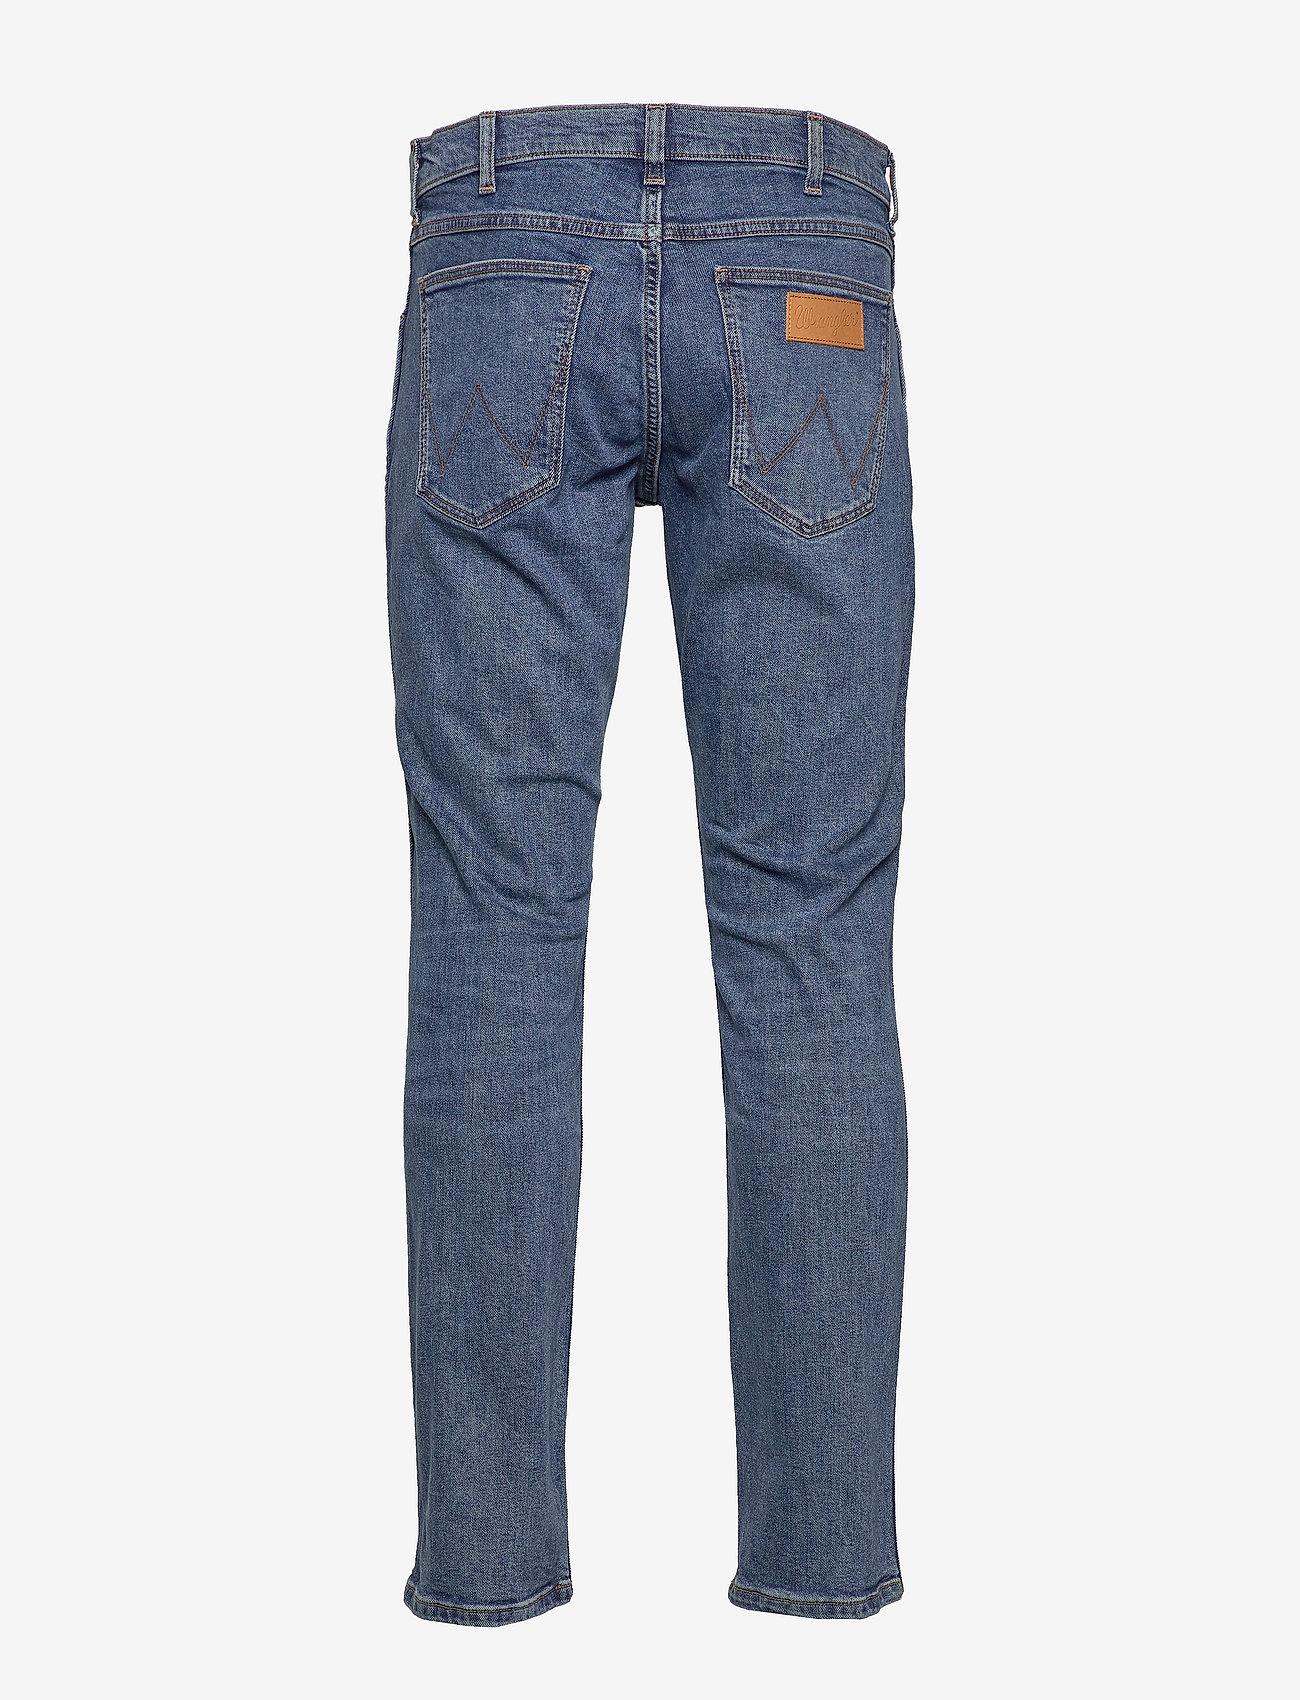 Wrangler - GREENSBORO - regular jeans - blue shot